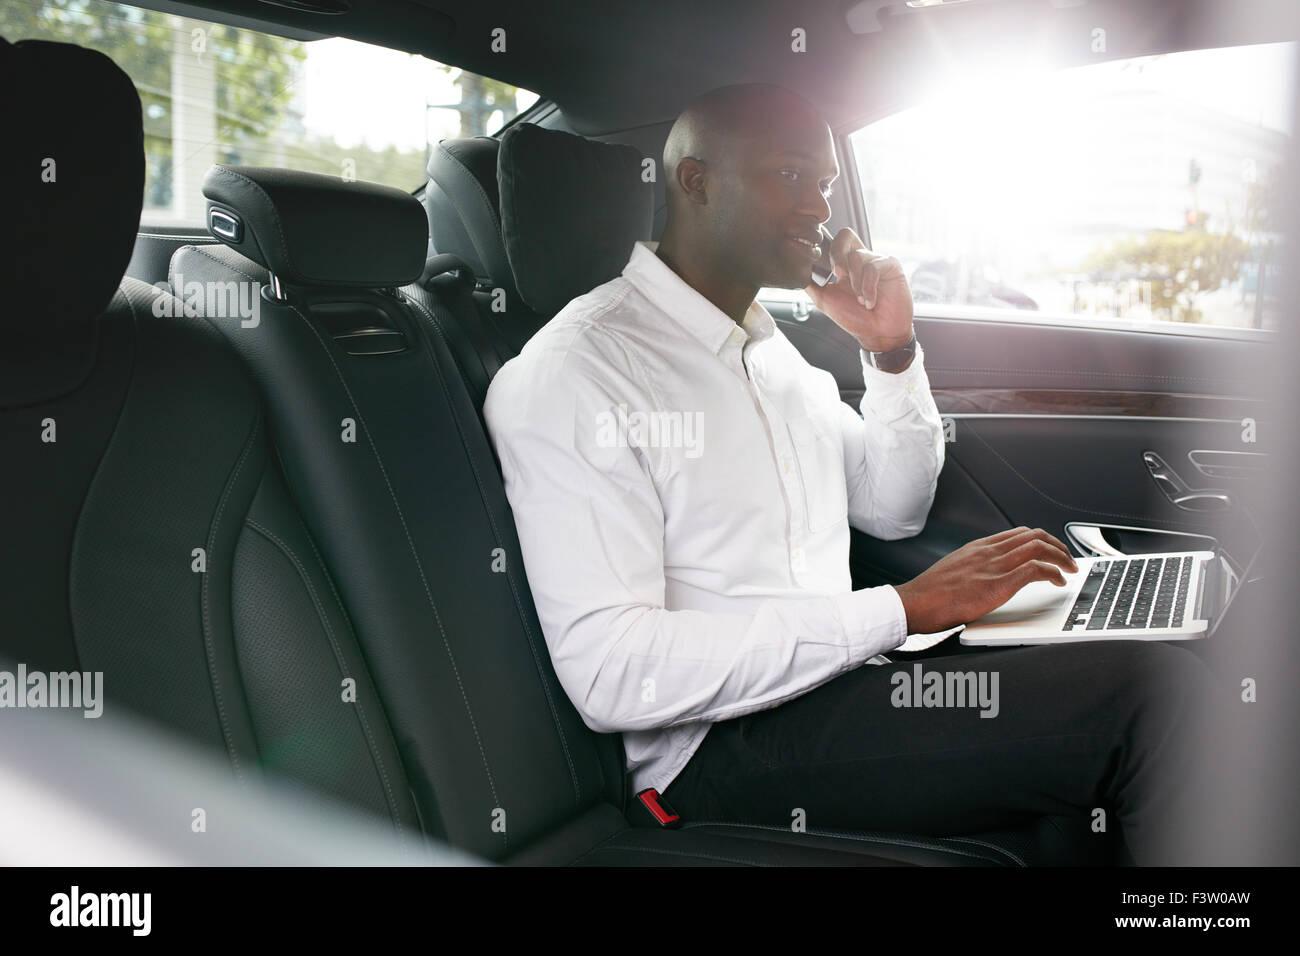 Businessman with laptop recevoir un appel téléphonique sur la banquette arrière d'une voiture. Photo Stock